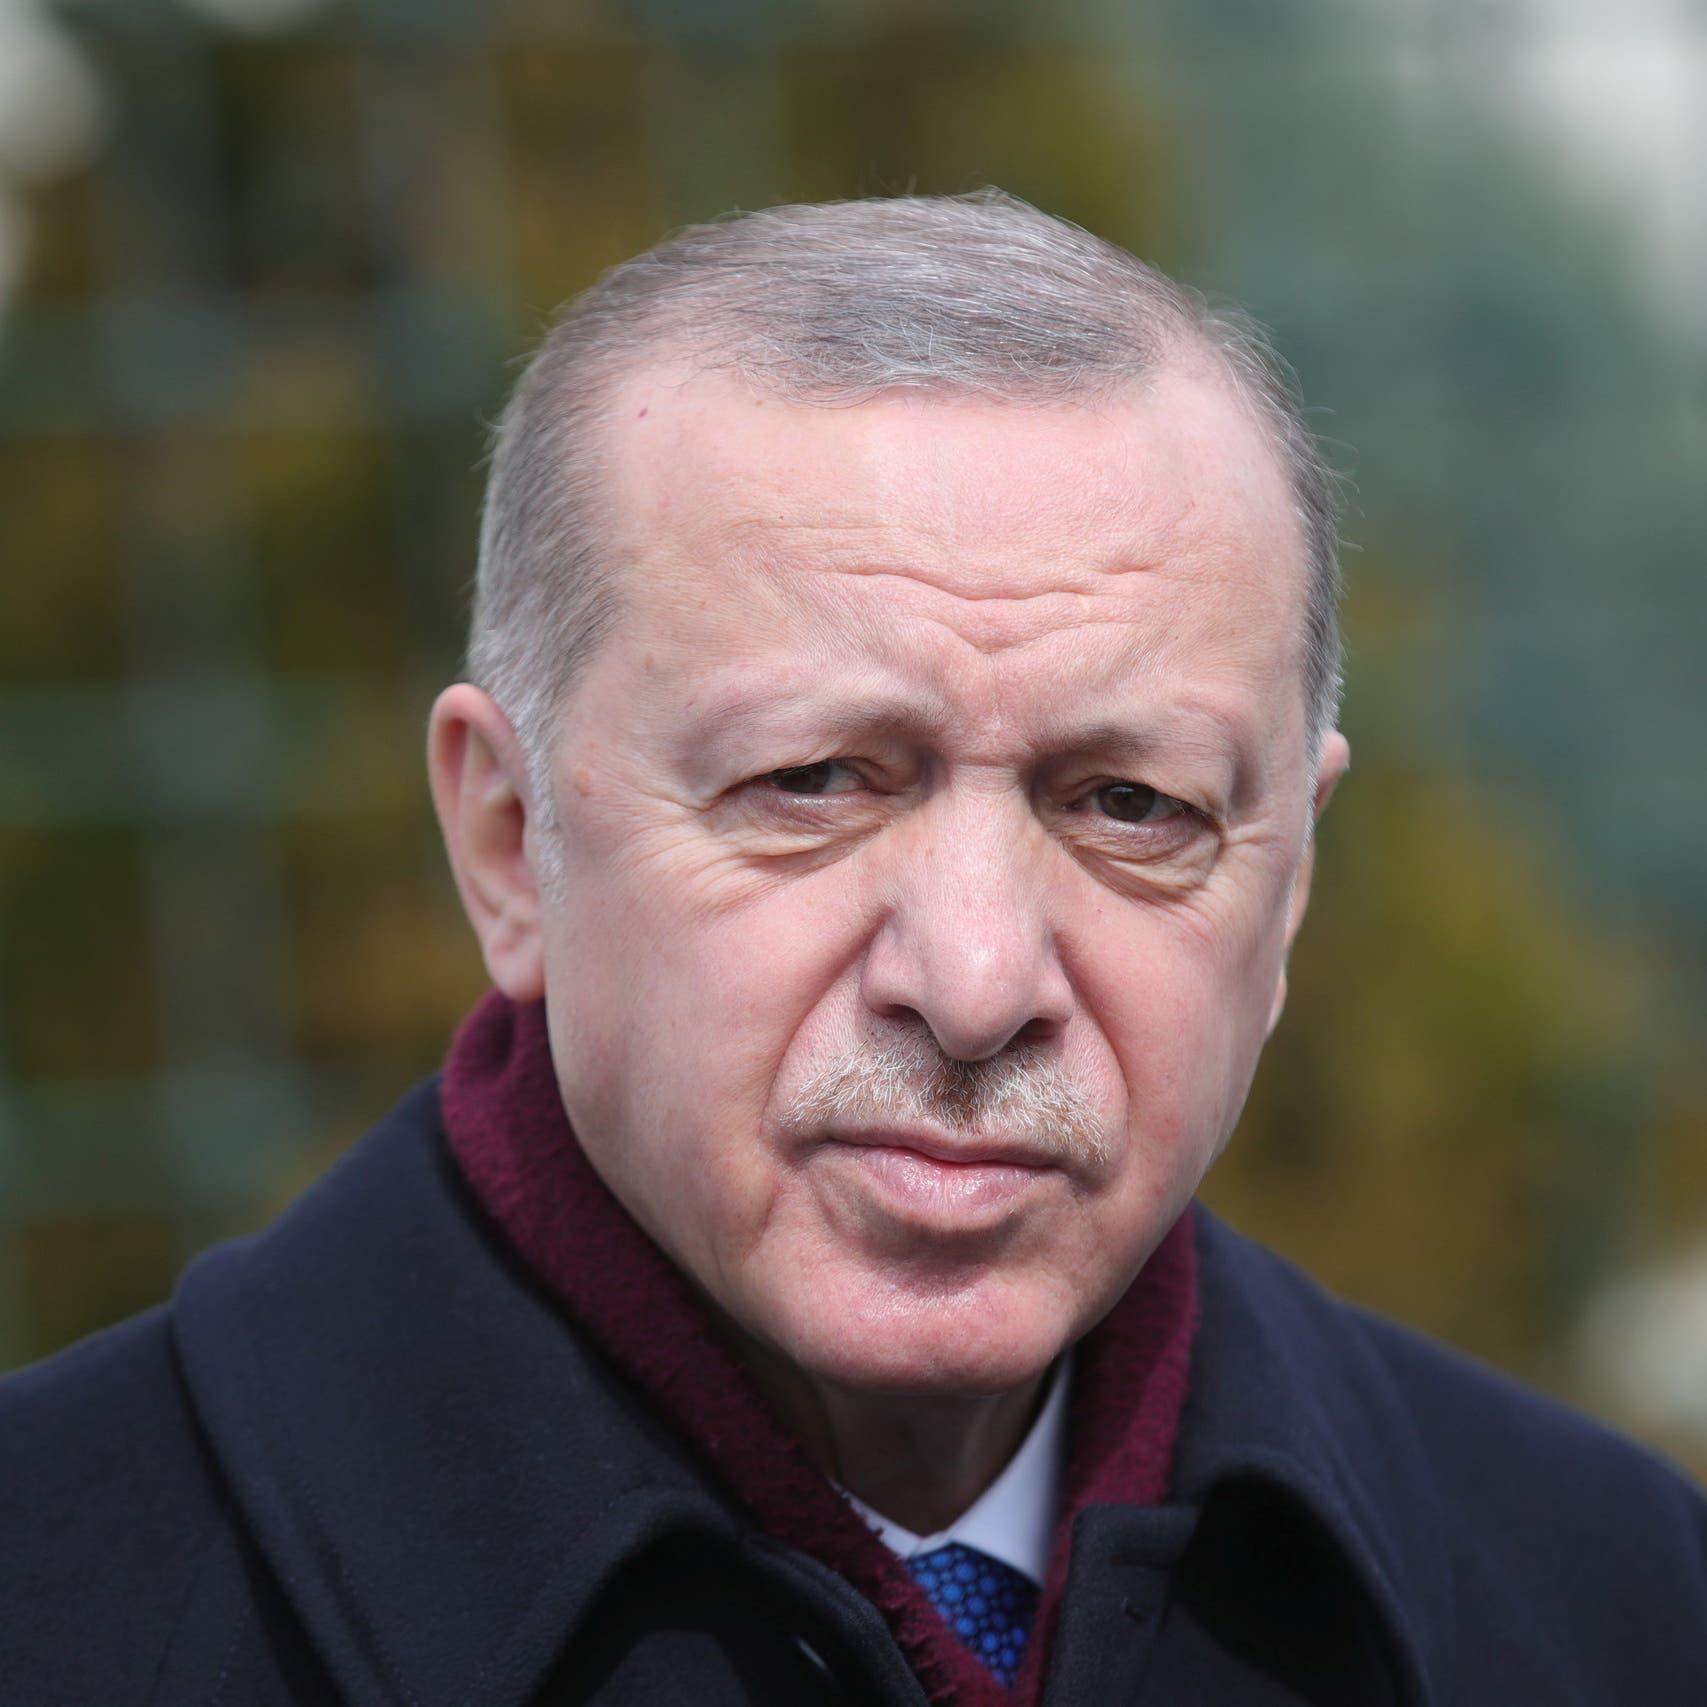 لماذا يصر أردوغان على توزيع الشاي في المصائب؟!